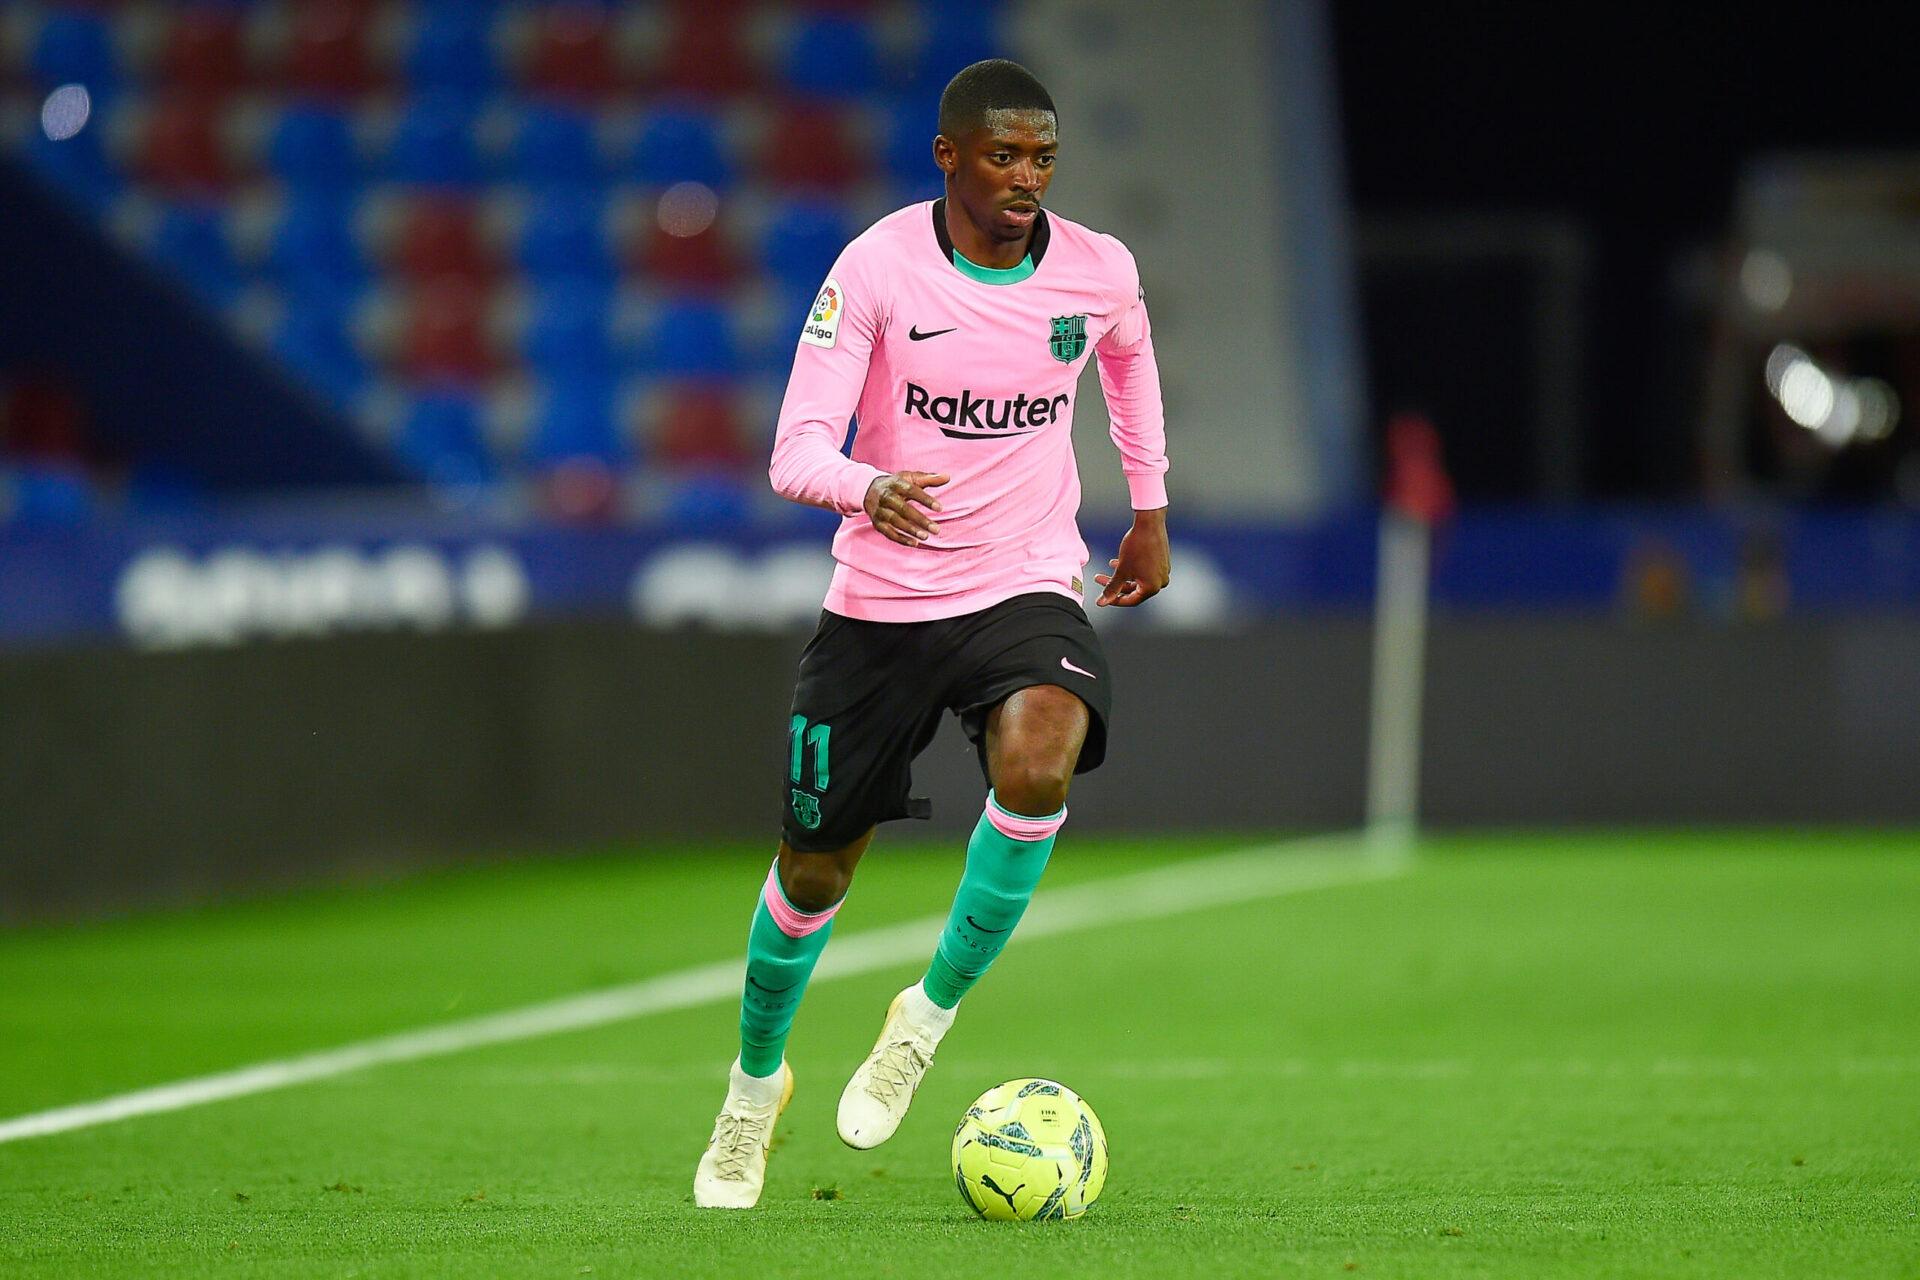 Ousmane Dembélé devrait faire son grand retour à la compétition dans les prochaines semaines, après trois mois d'arrêt. Icon Sport